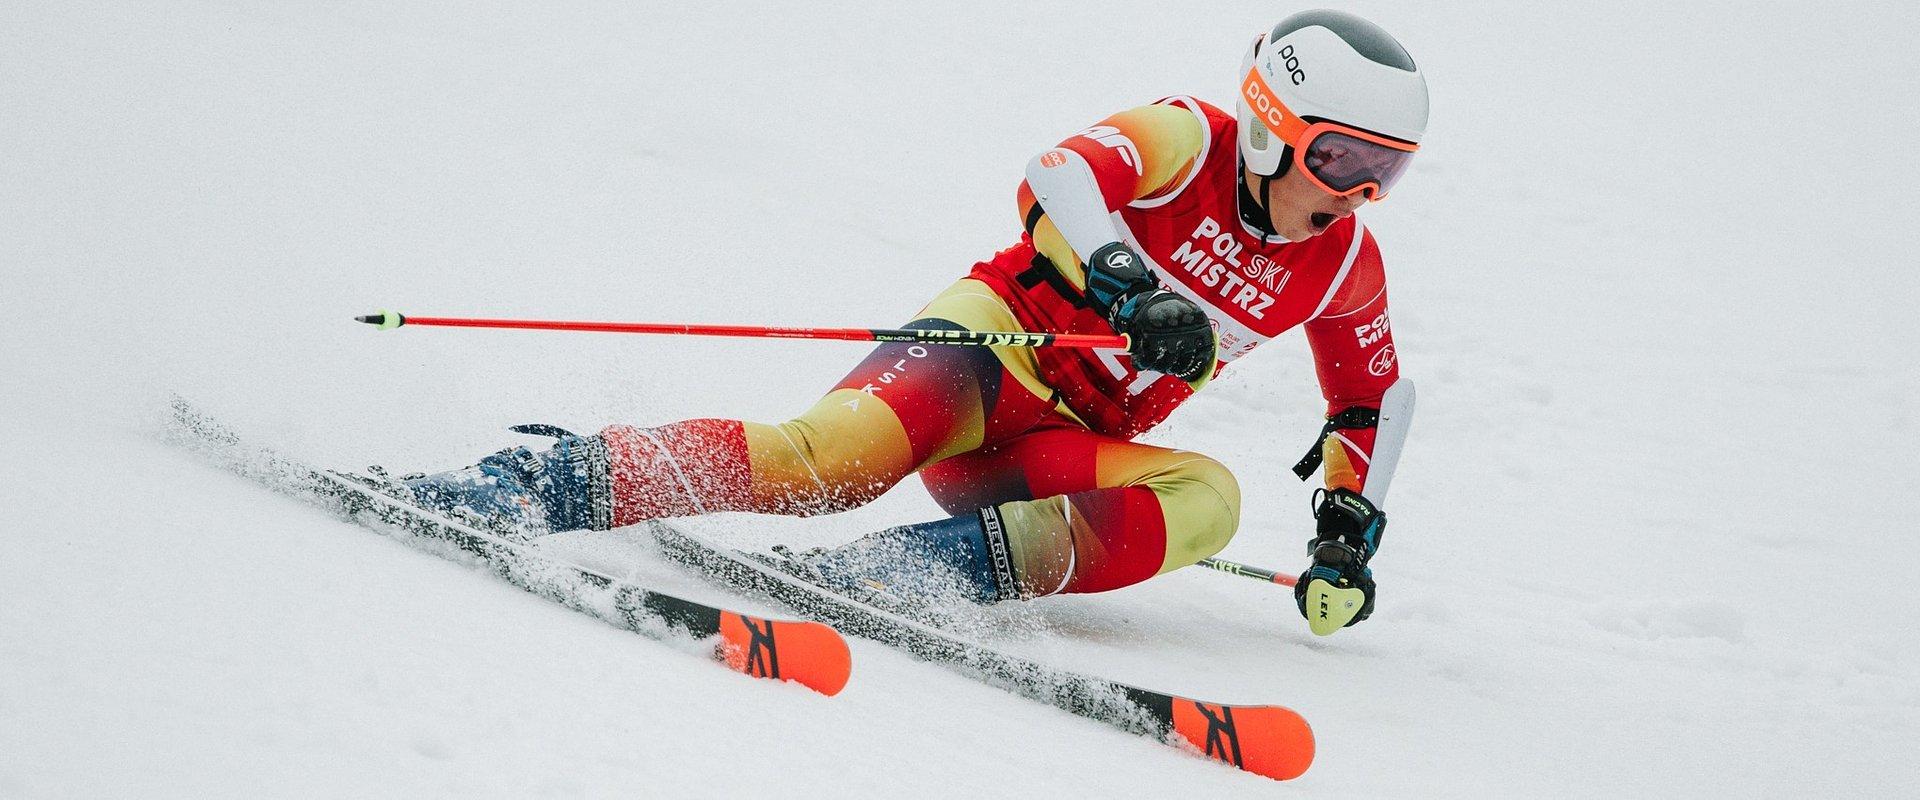 Trasy gotowe na zawody FIS i Młodzieżowy Puchar Polski w narciarstwie alpejskim